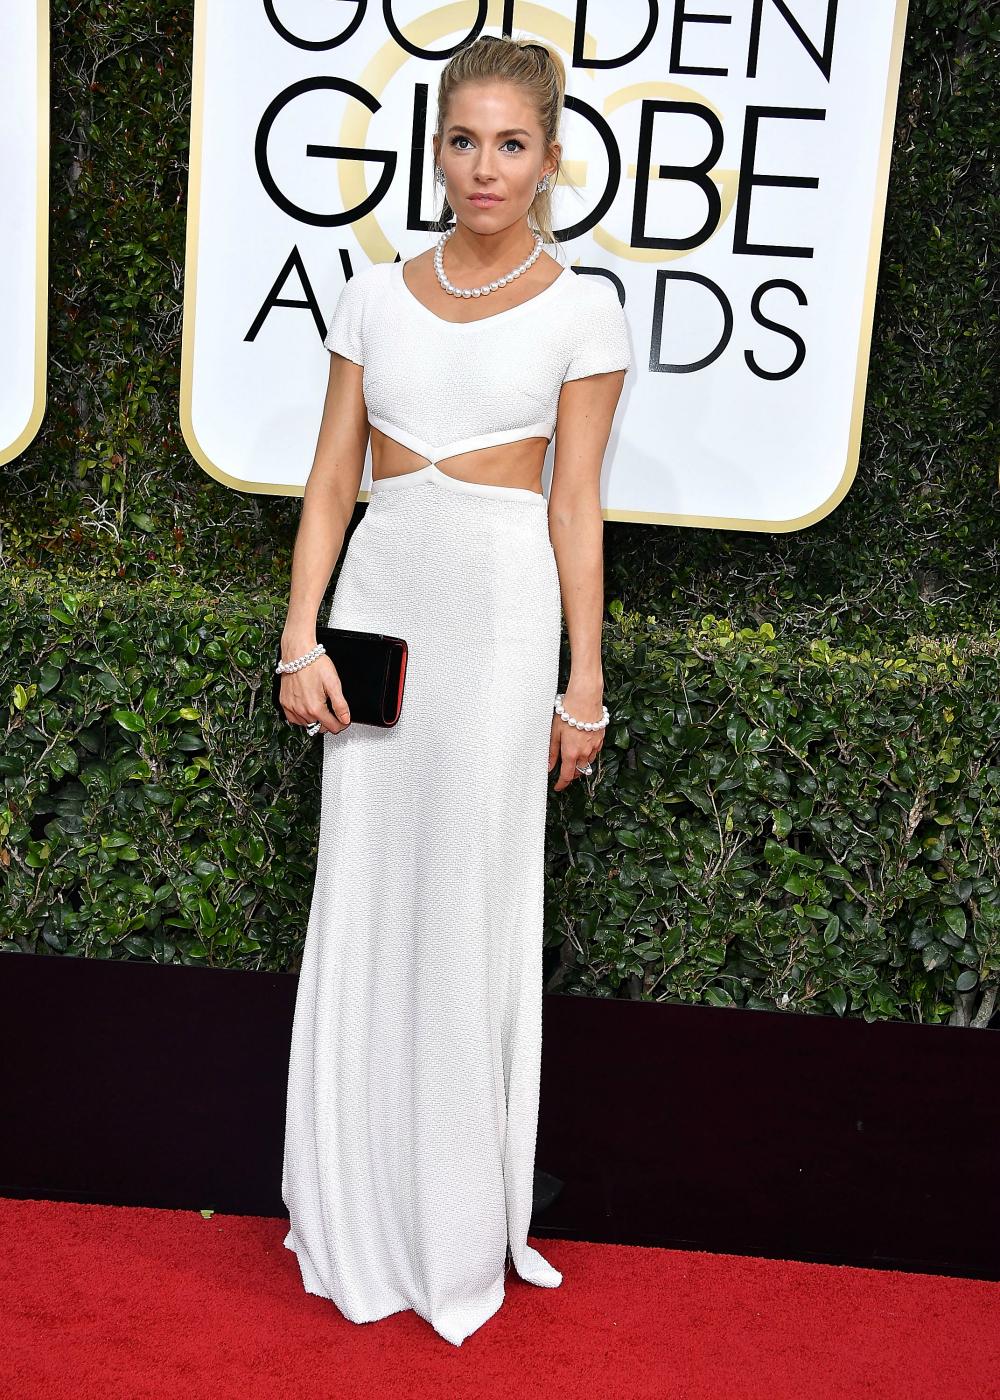 Sienna-Miller-Golden-Globes-1.jpg